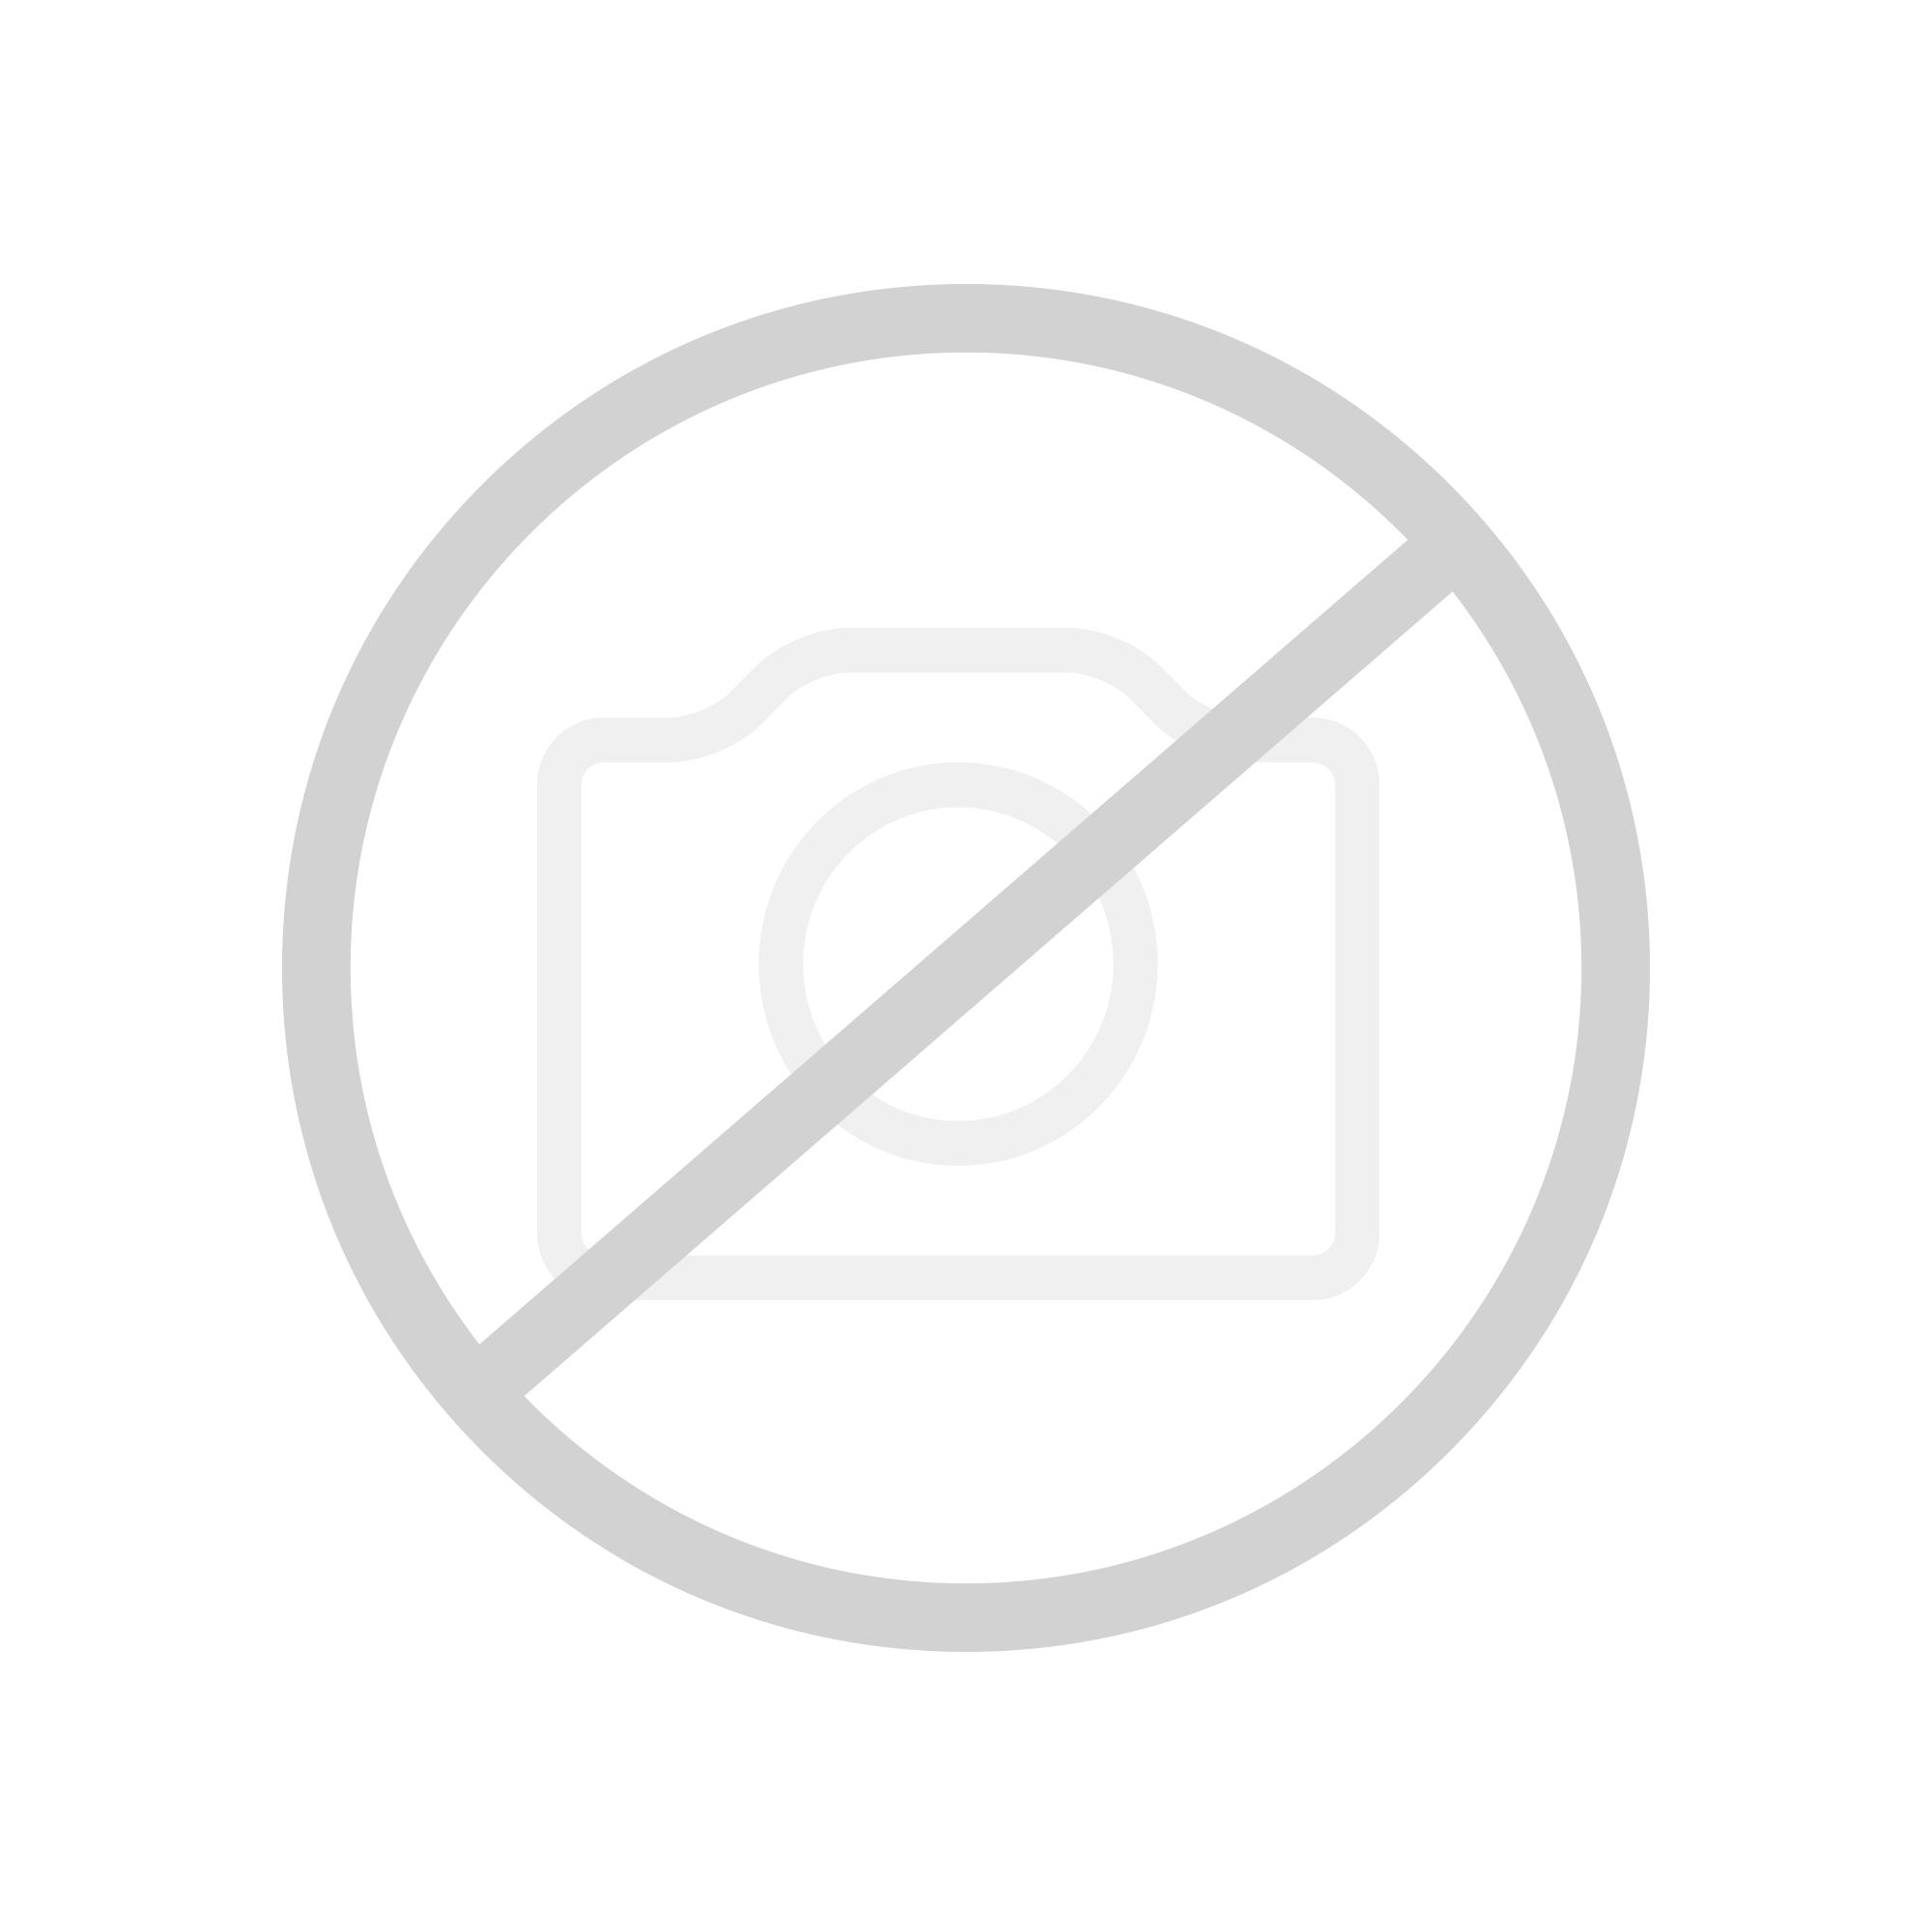 Dornbracht montagezubeh r kaufen reuter onlineshop for Dornbracht 3508597090